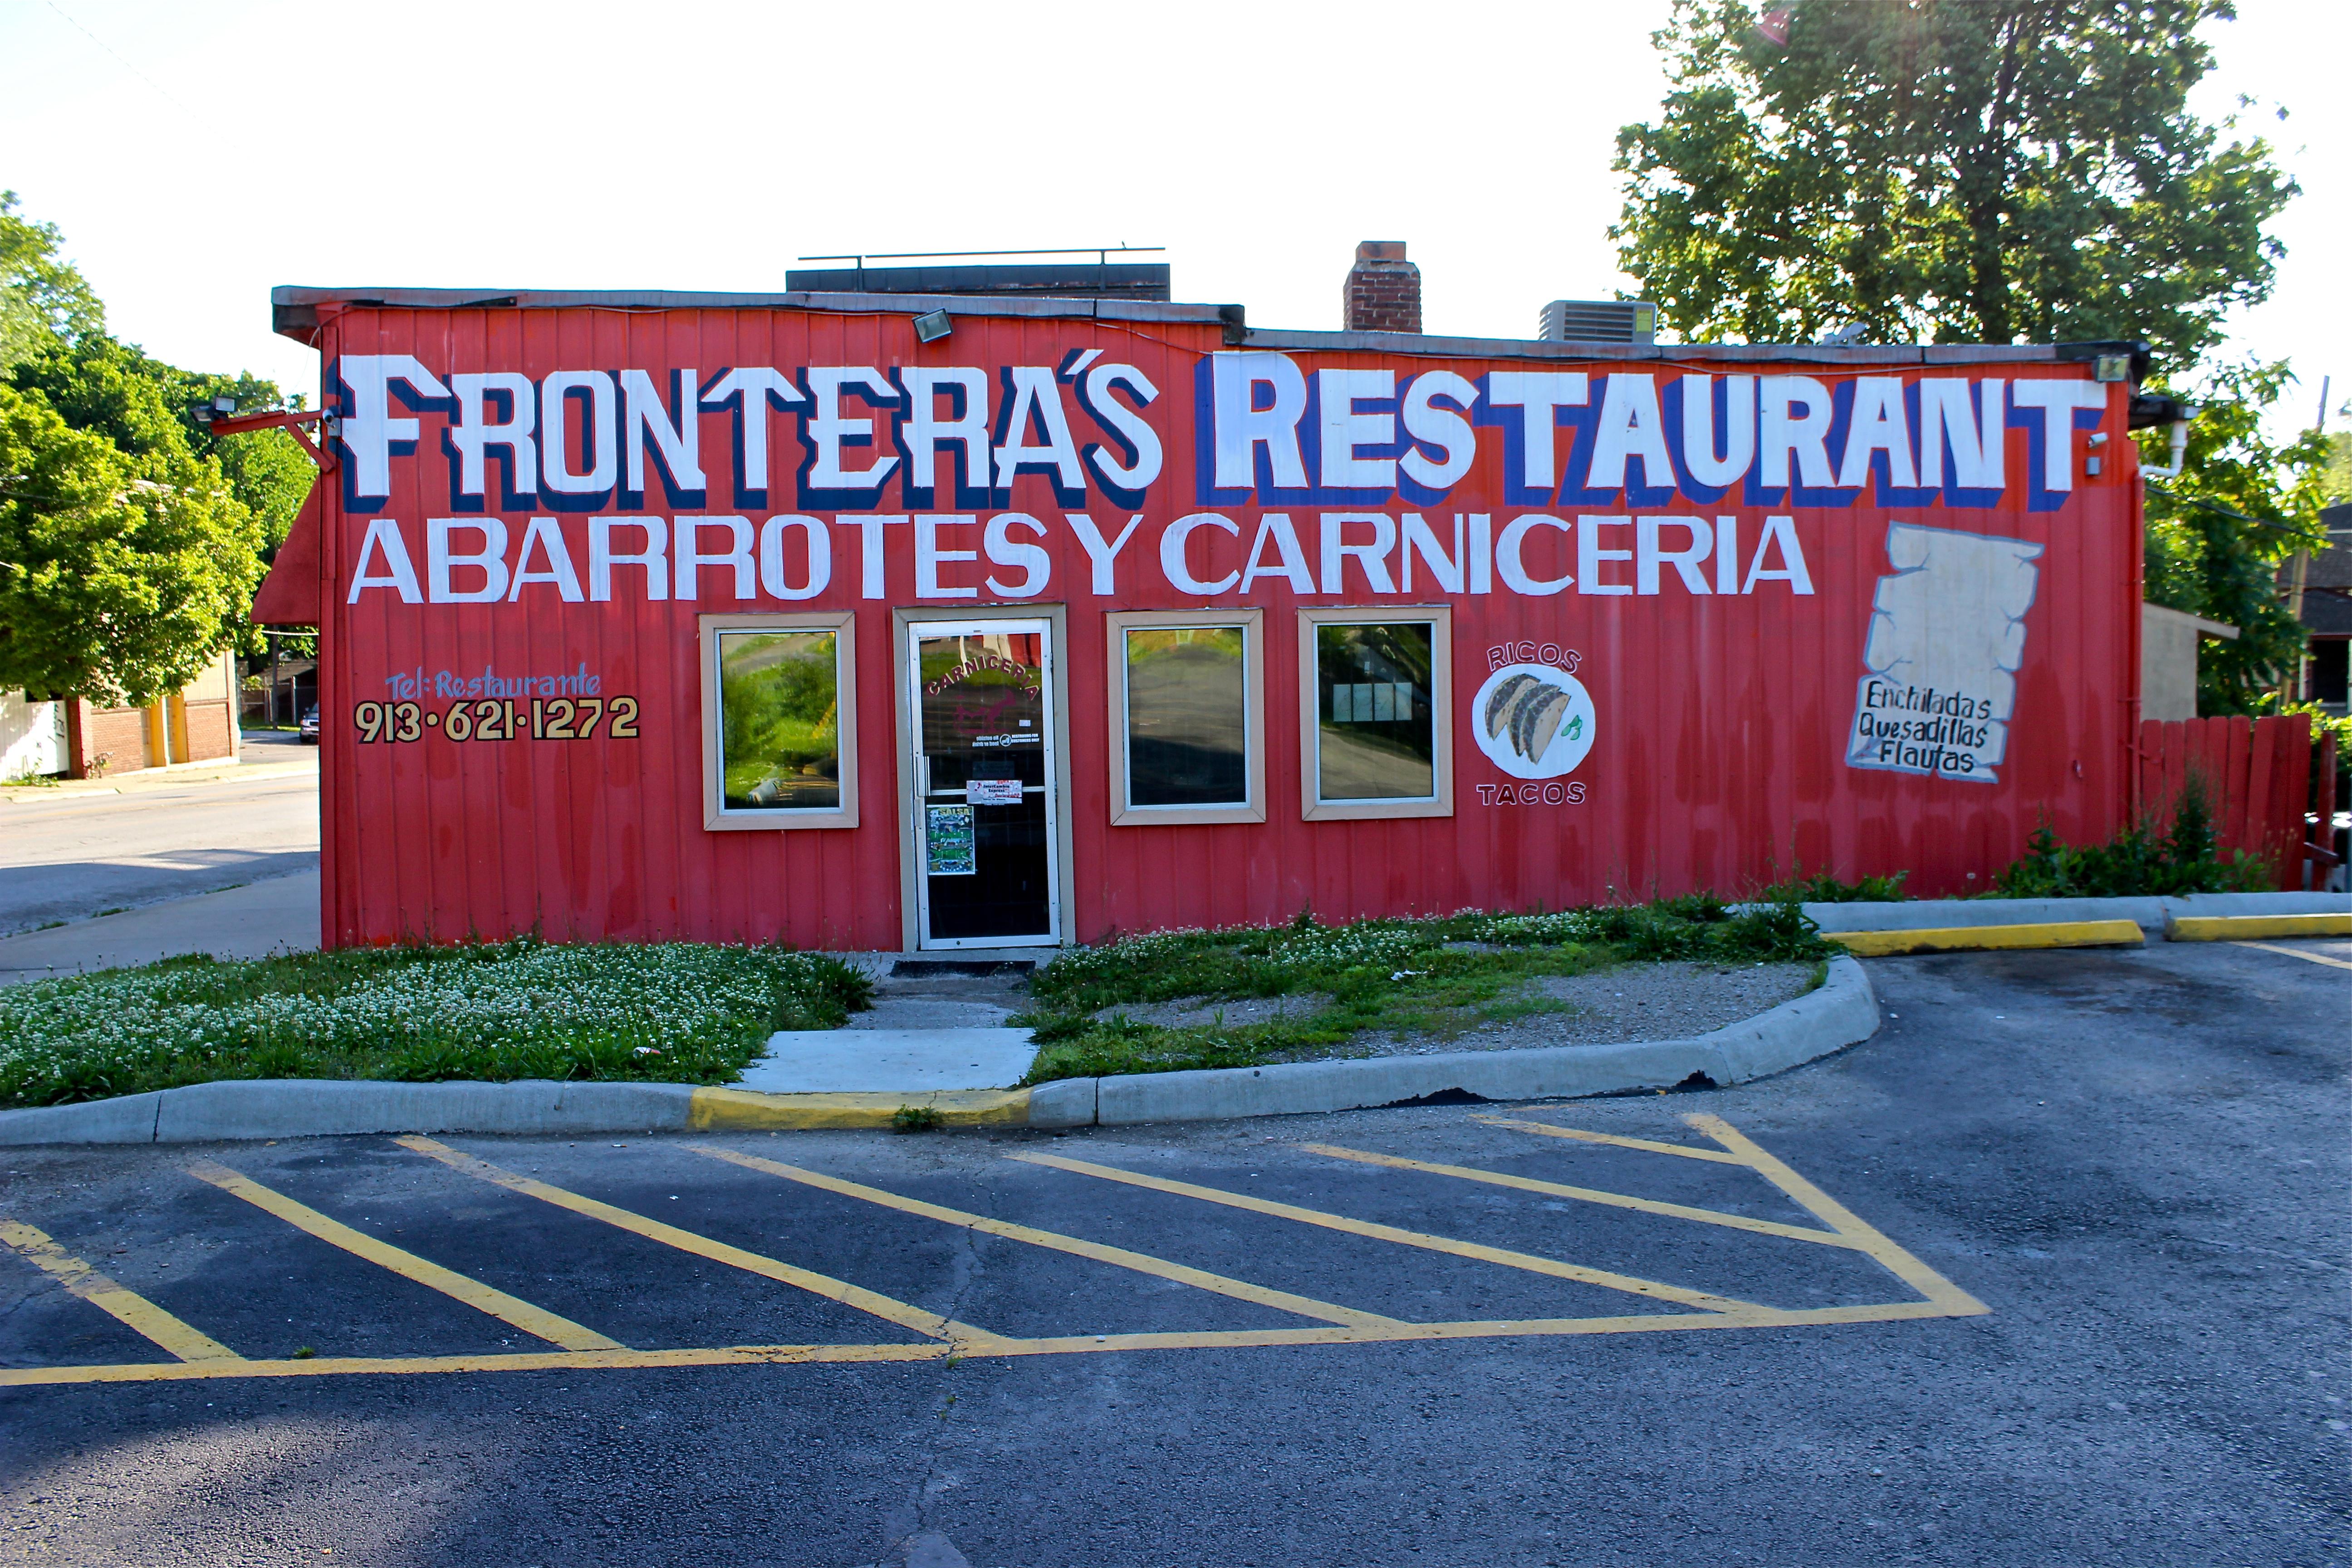 Frontera's Restaurant